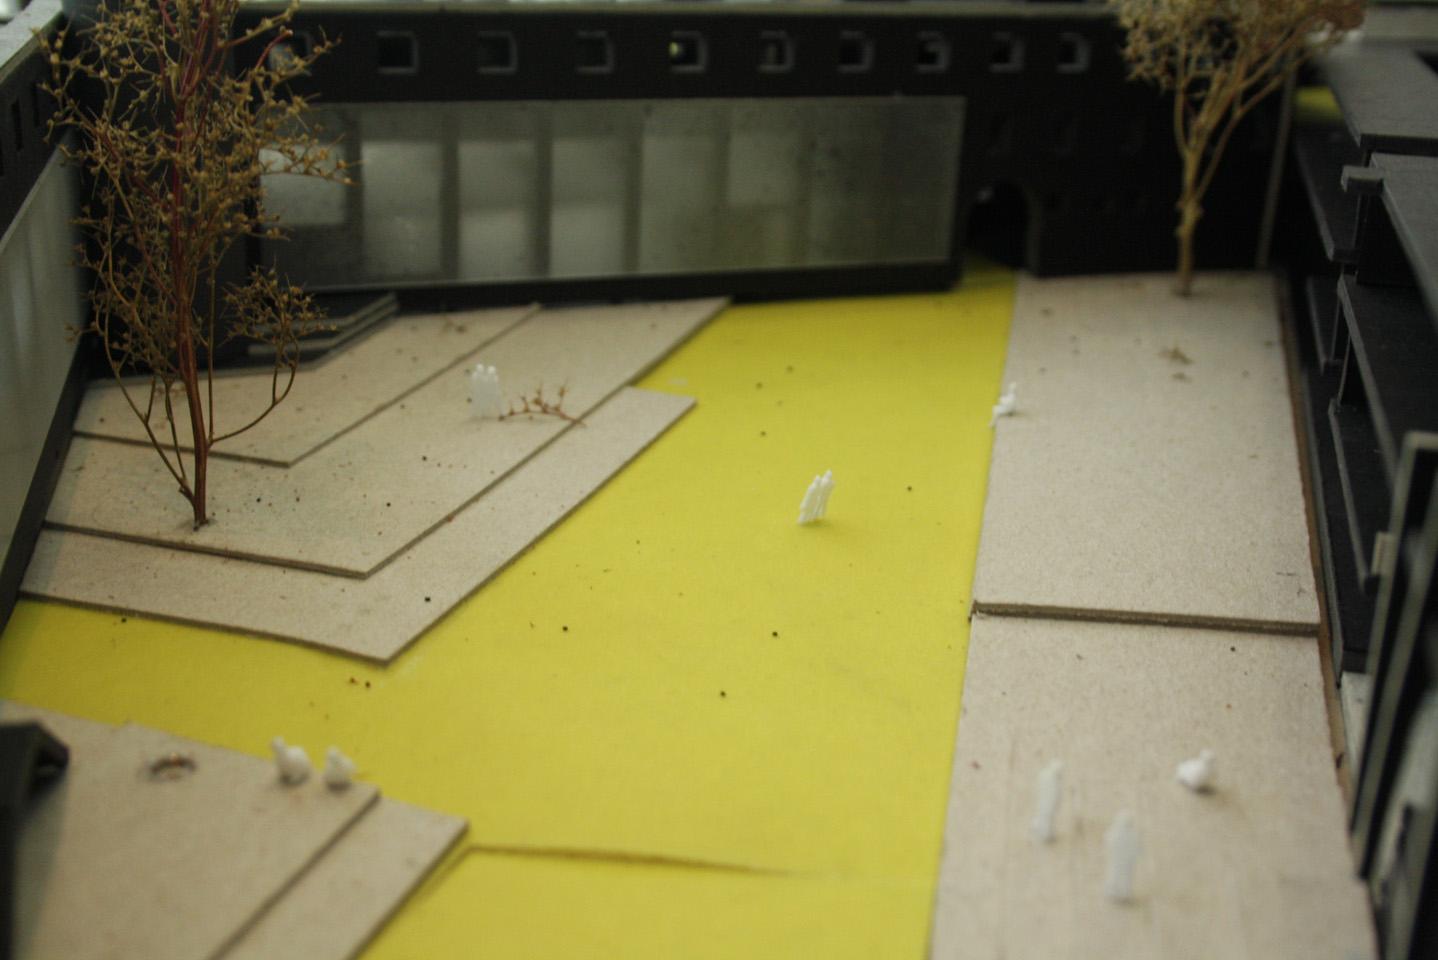 Innenarchitektur Hft Stuttgart workspace fabiane unger innenarchitektur stuttgart